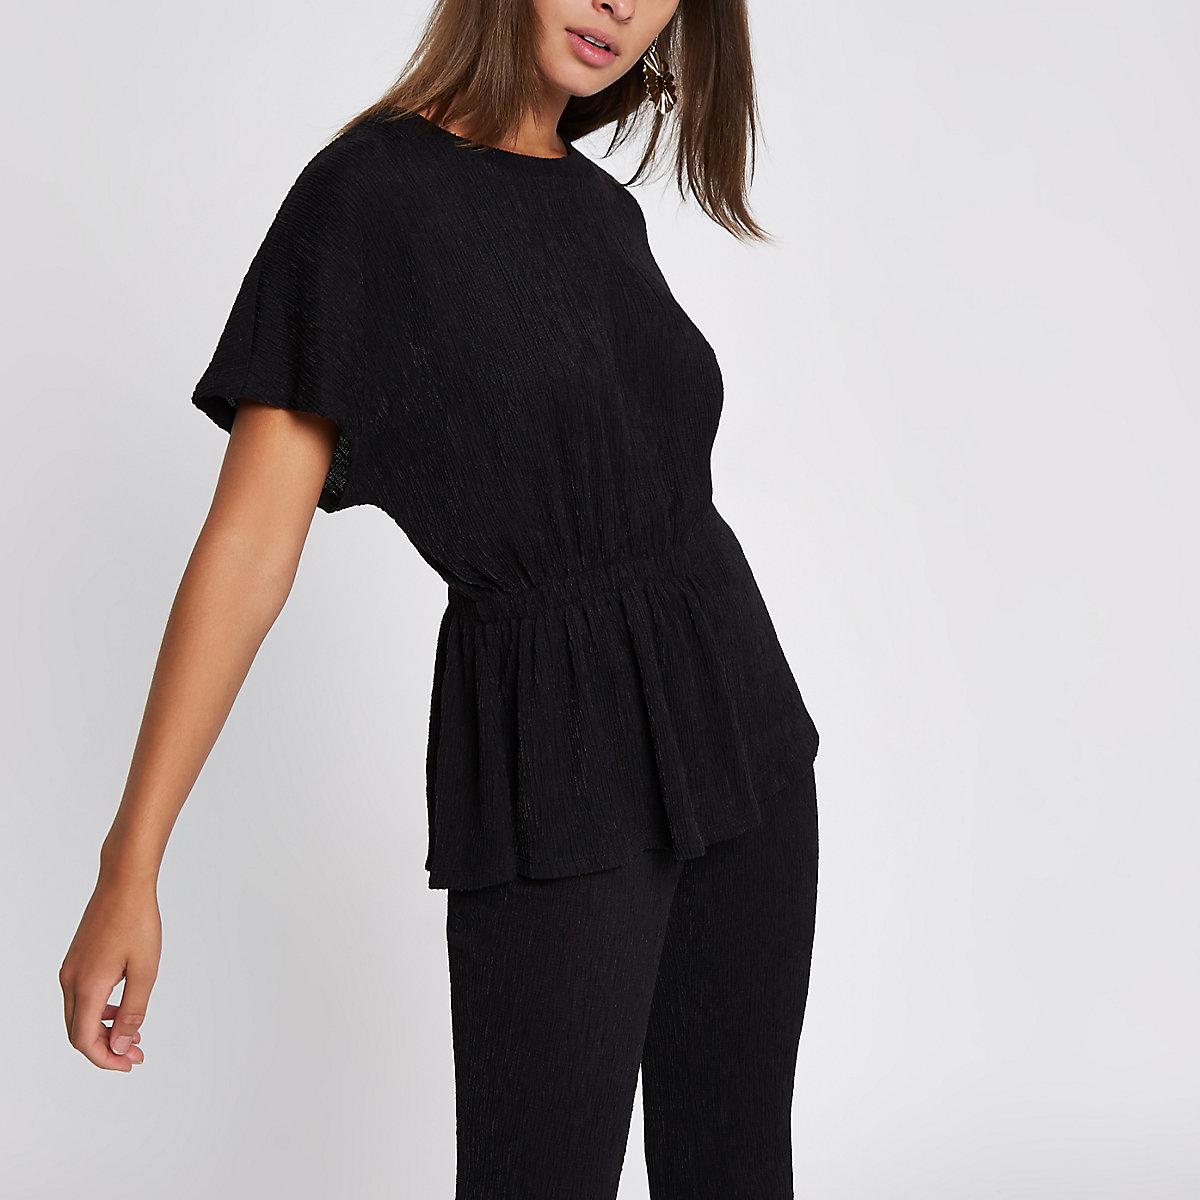 Zwart T-shirt met textuur en ruche aan de zijkant